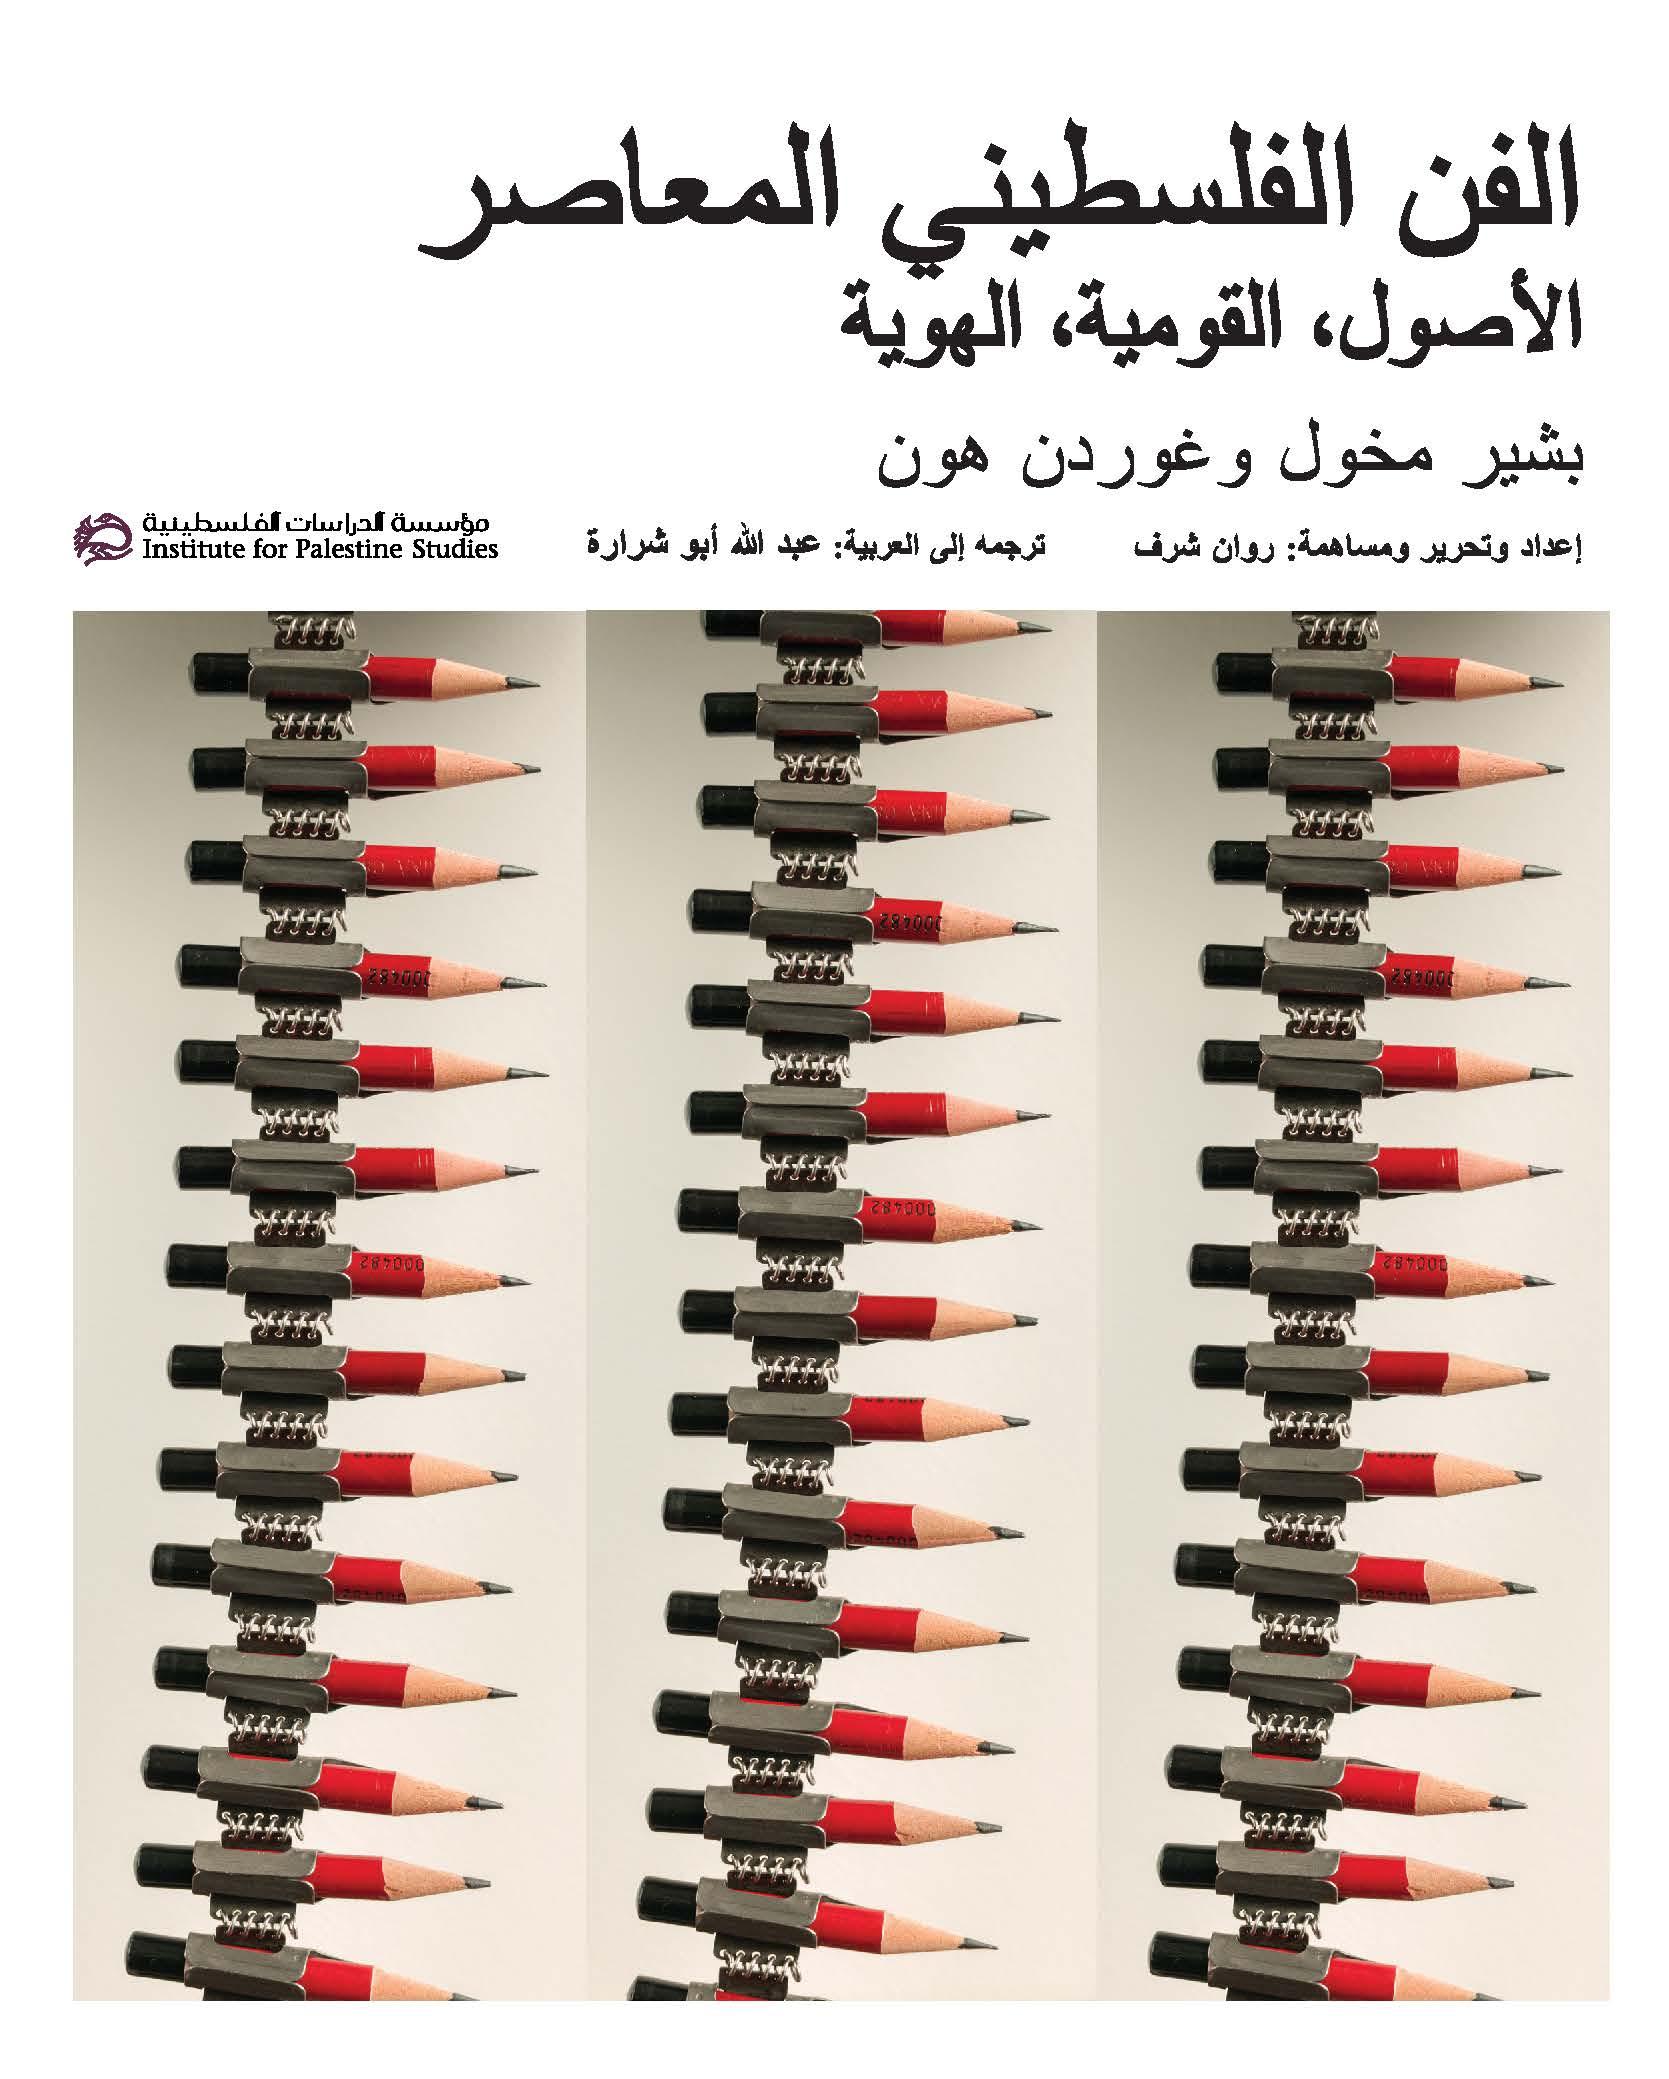 الفن الفلسطيني المعاصر.. الأصول، القومية، الهوية